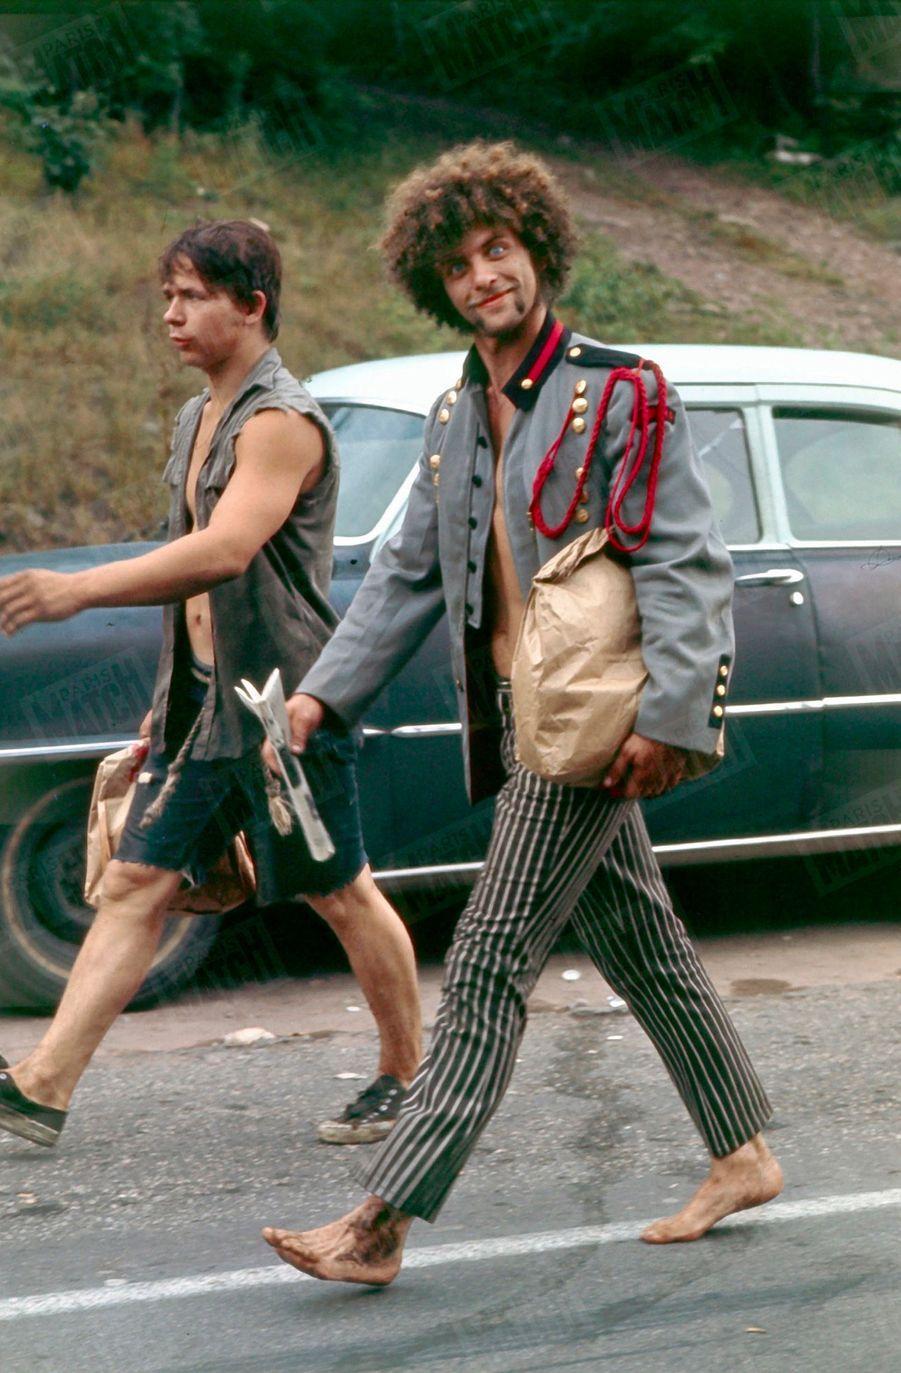 «Deux pèlerins en marche vers Bethel : prudents, ils emportent avec eux un sac de provisions.» - Paris Match n°1060, 30 août 1969